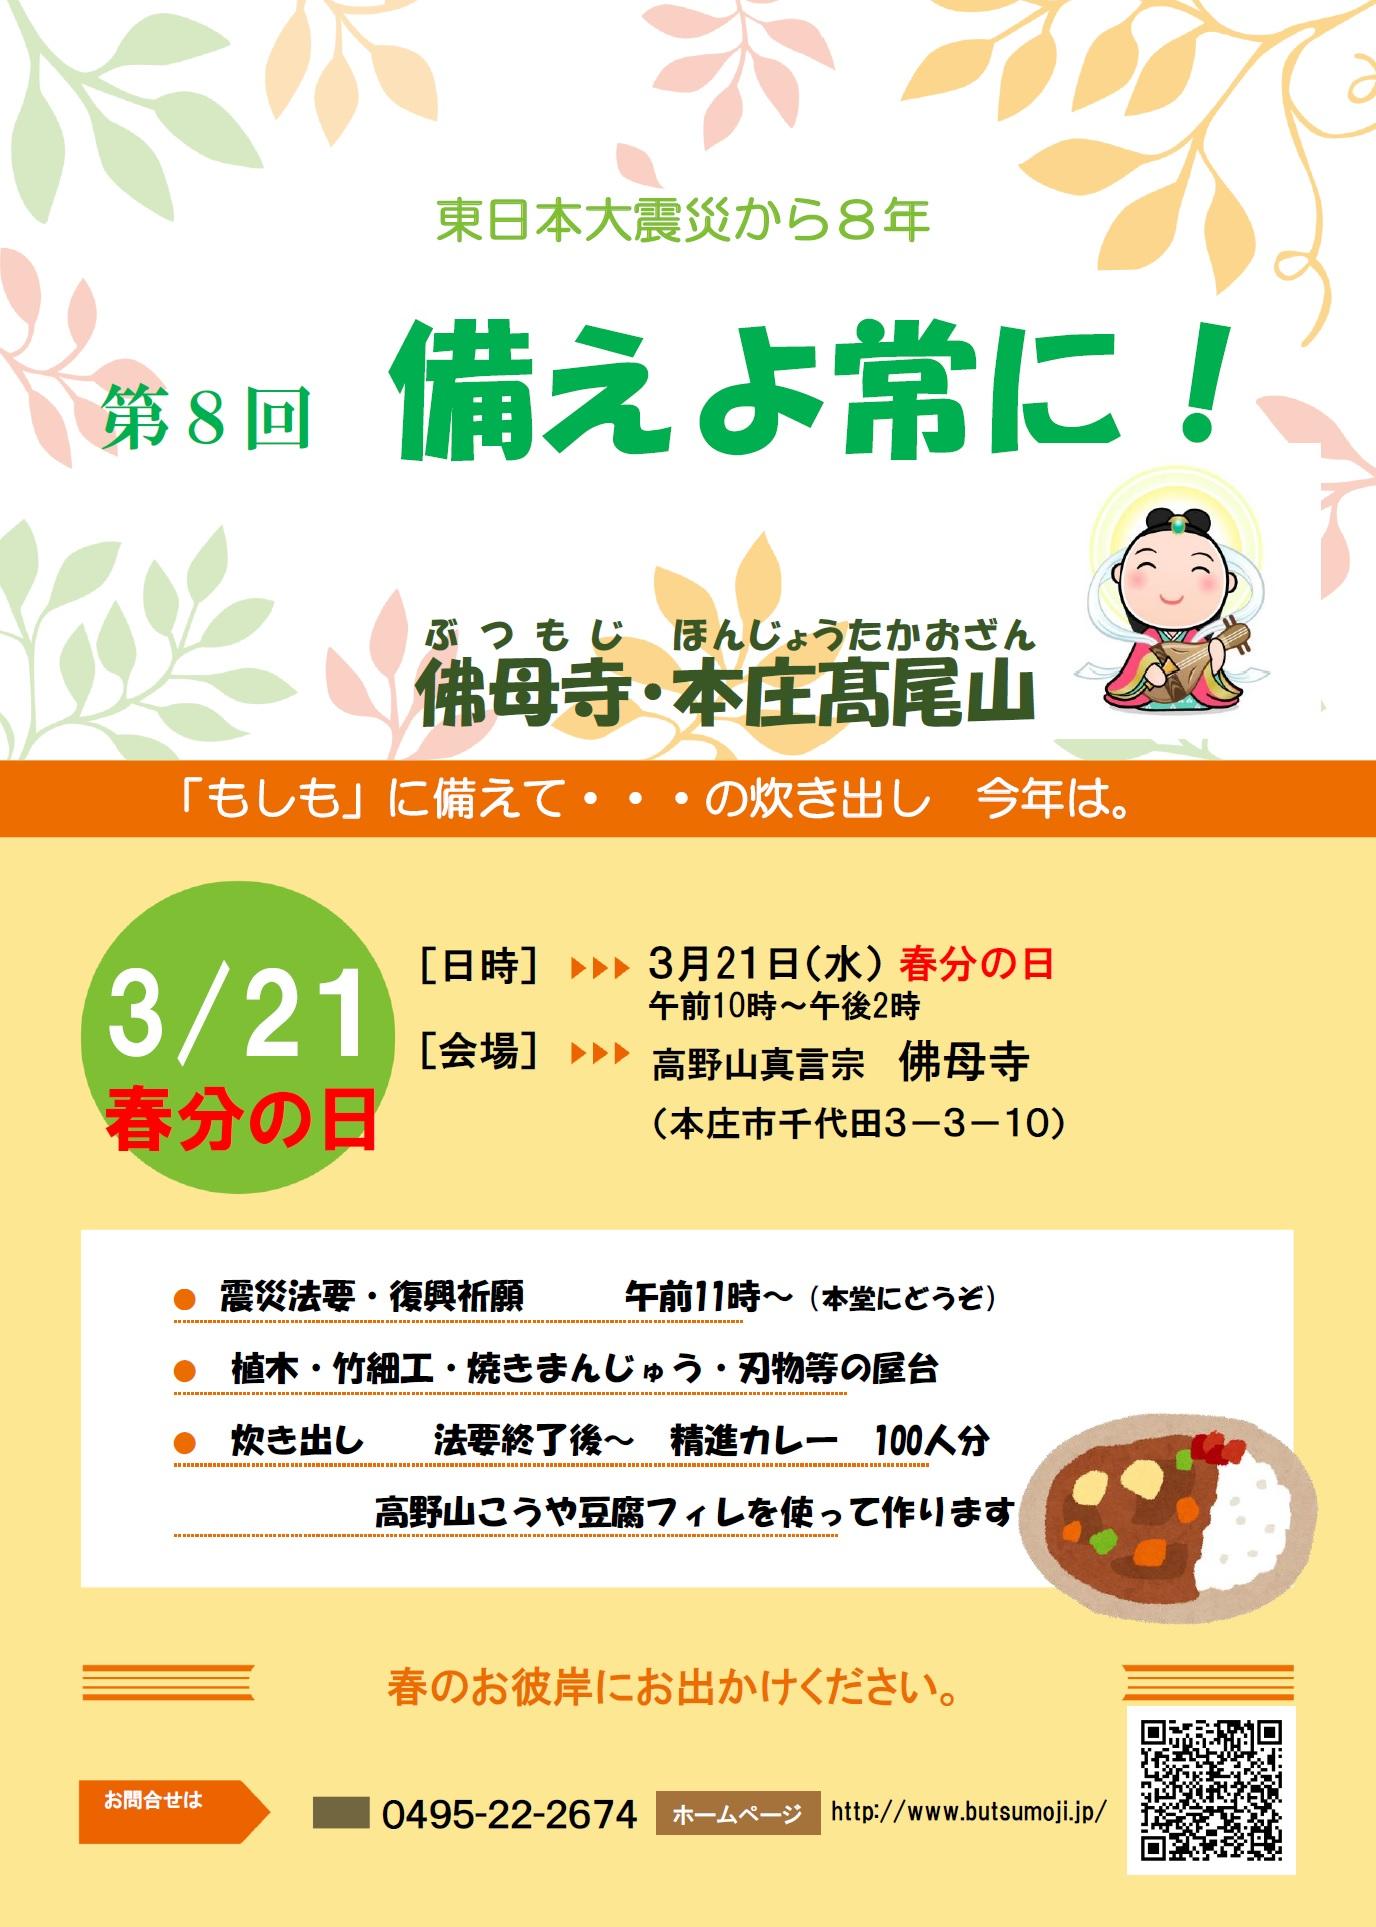 平成30年備えよ常に!PDF